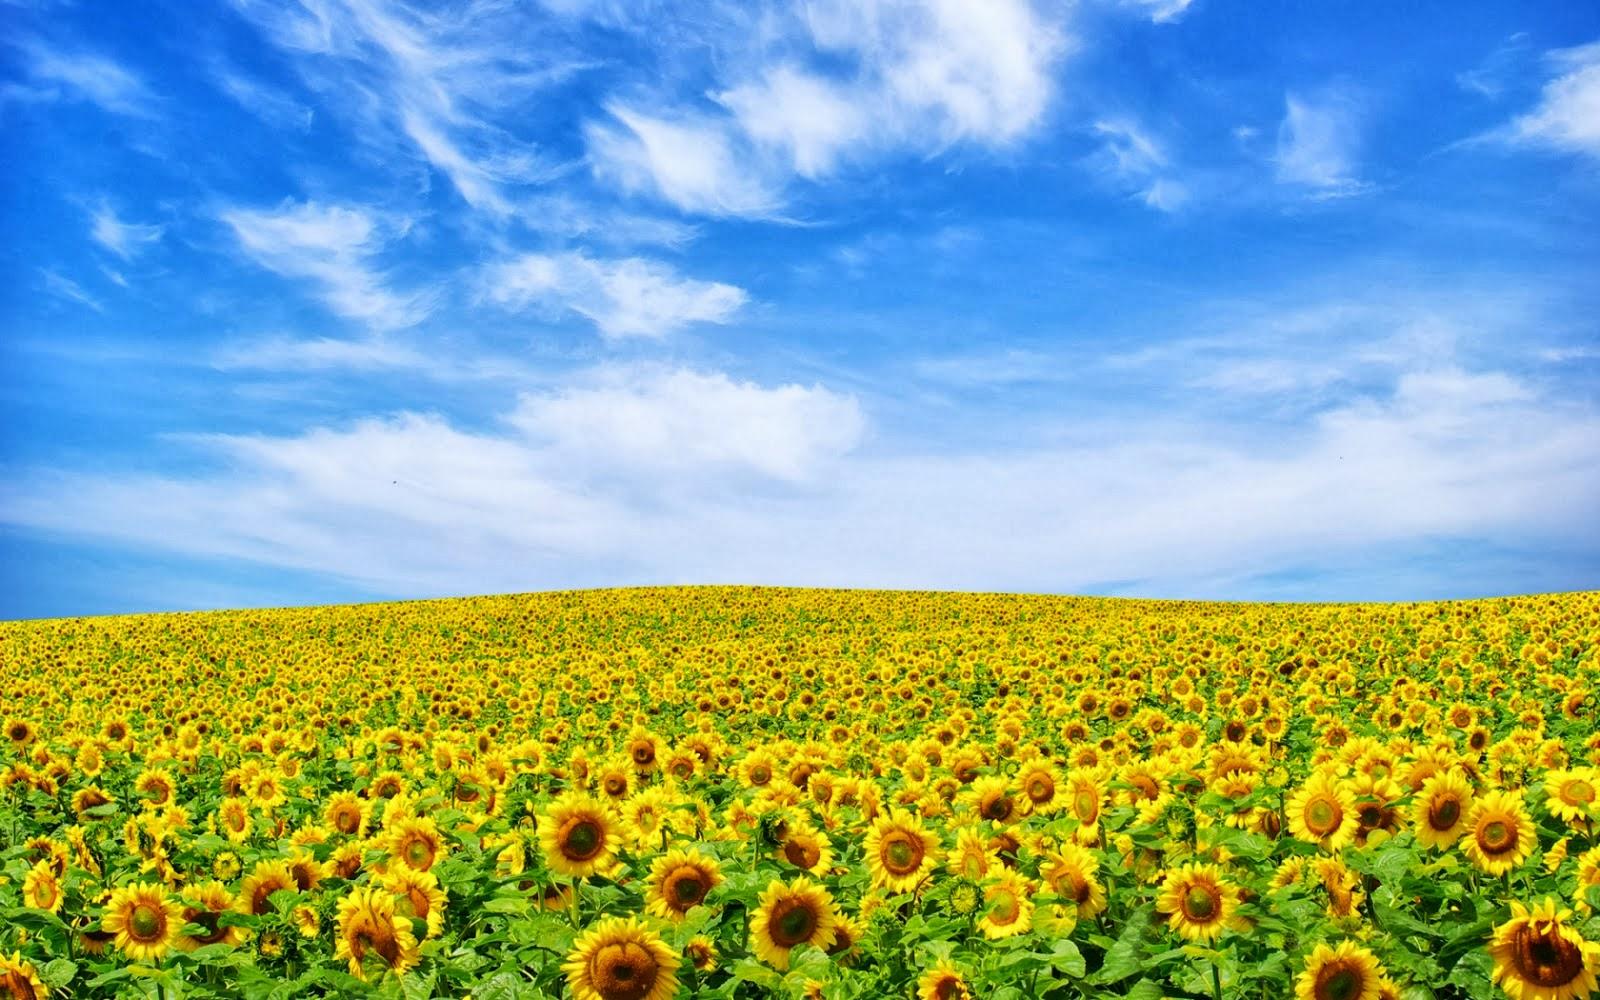 Gambar Taman Indah Bunga Matahari Kumpulan Gambar Gambar Pilihan Gambar Lucu Gambar Bergerak